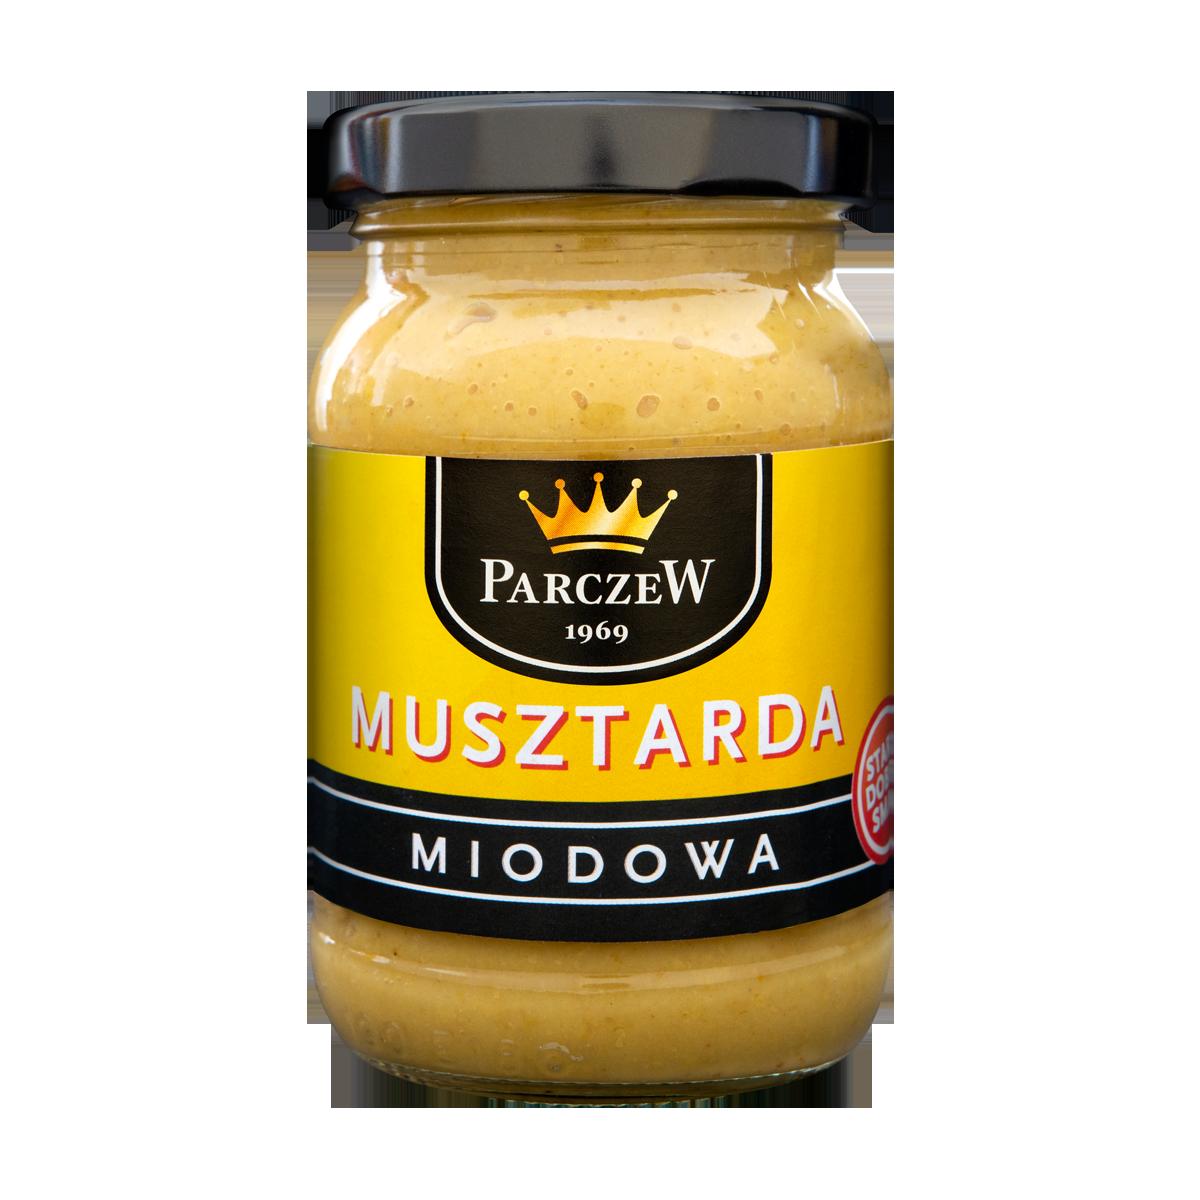 Musztarda_Miodowa